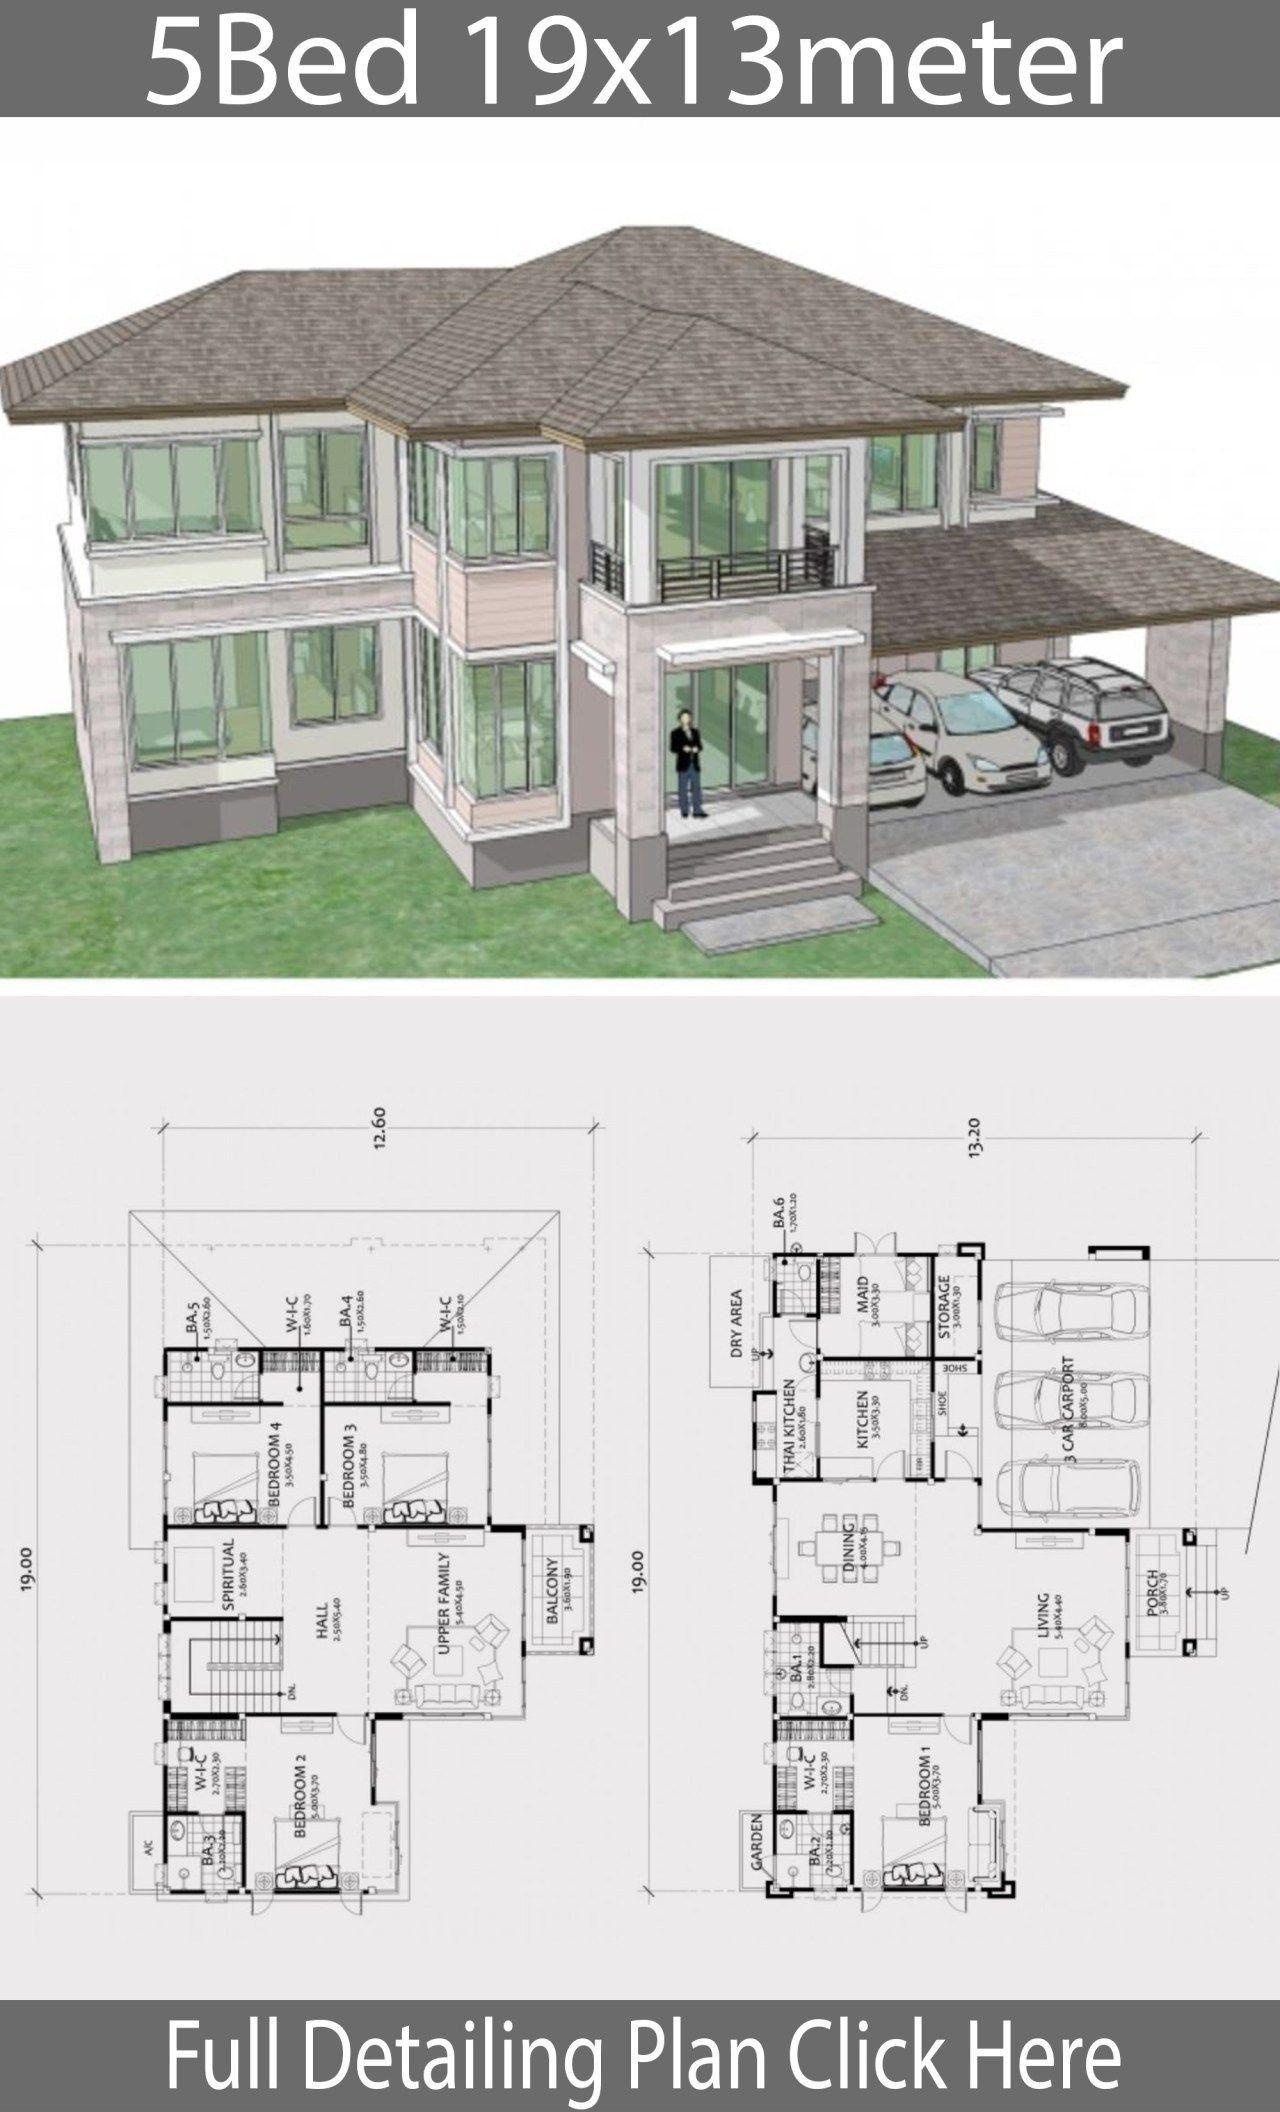 20 Big Modern House Floor Plans Plataran Best Denah Desain Rumah Tata Letak Rumah Denah Lantai Rumah